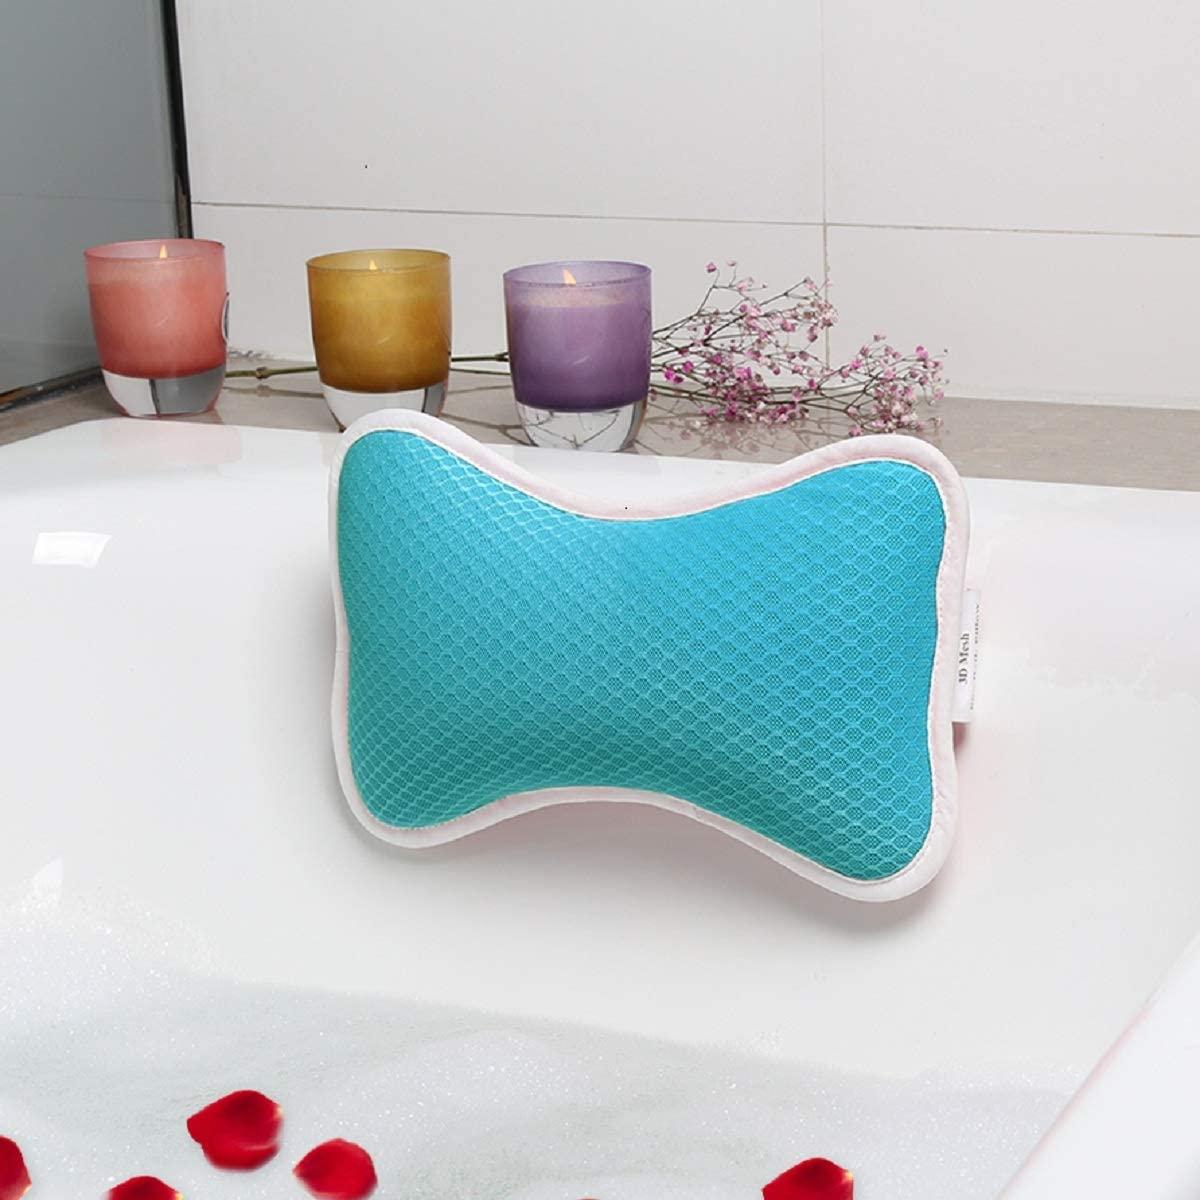 Coussin de baignoire Costacloud (Via coupon - Vendeur tiers)